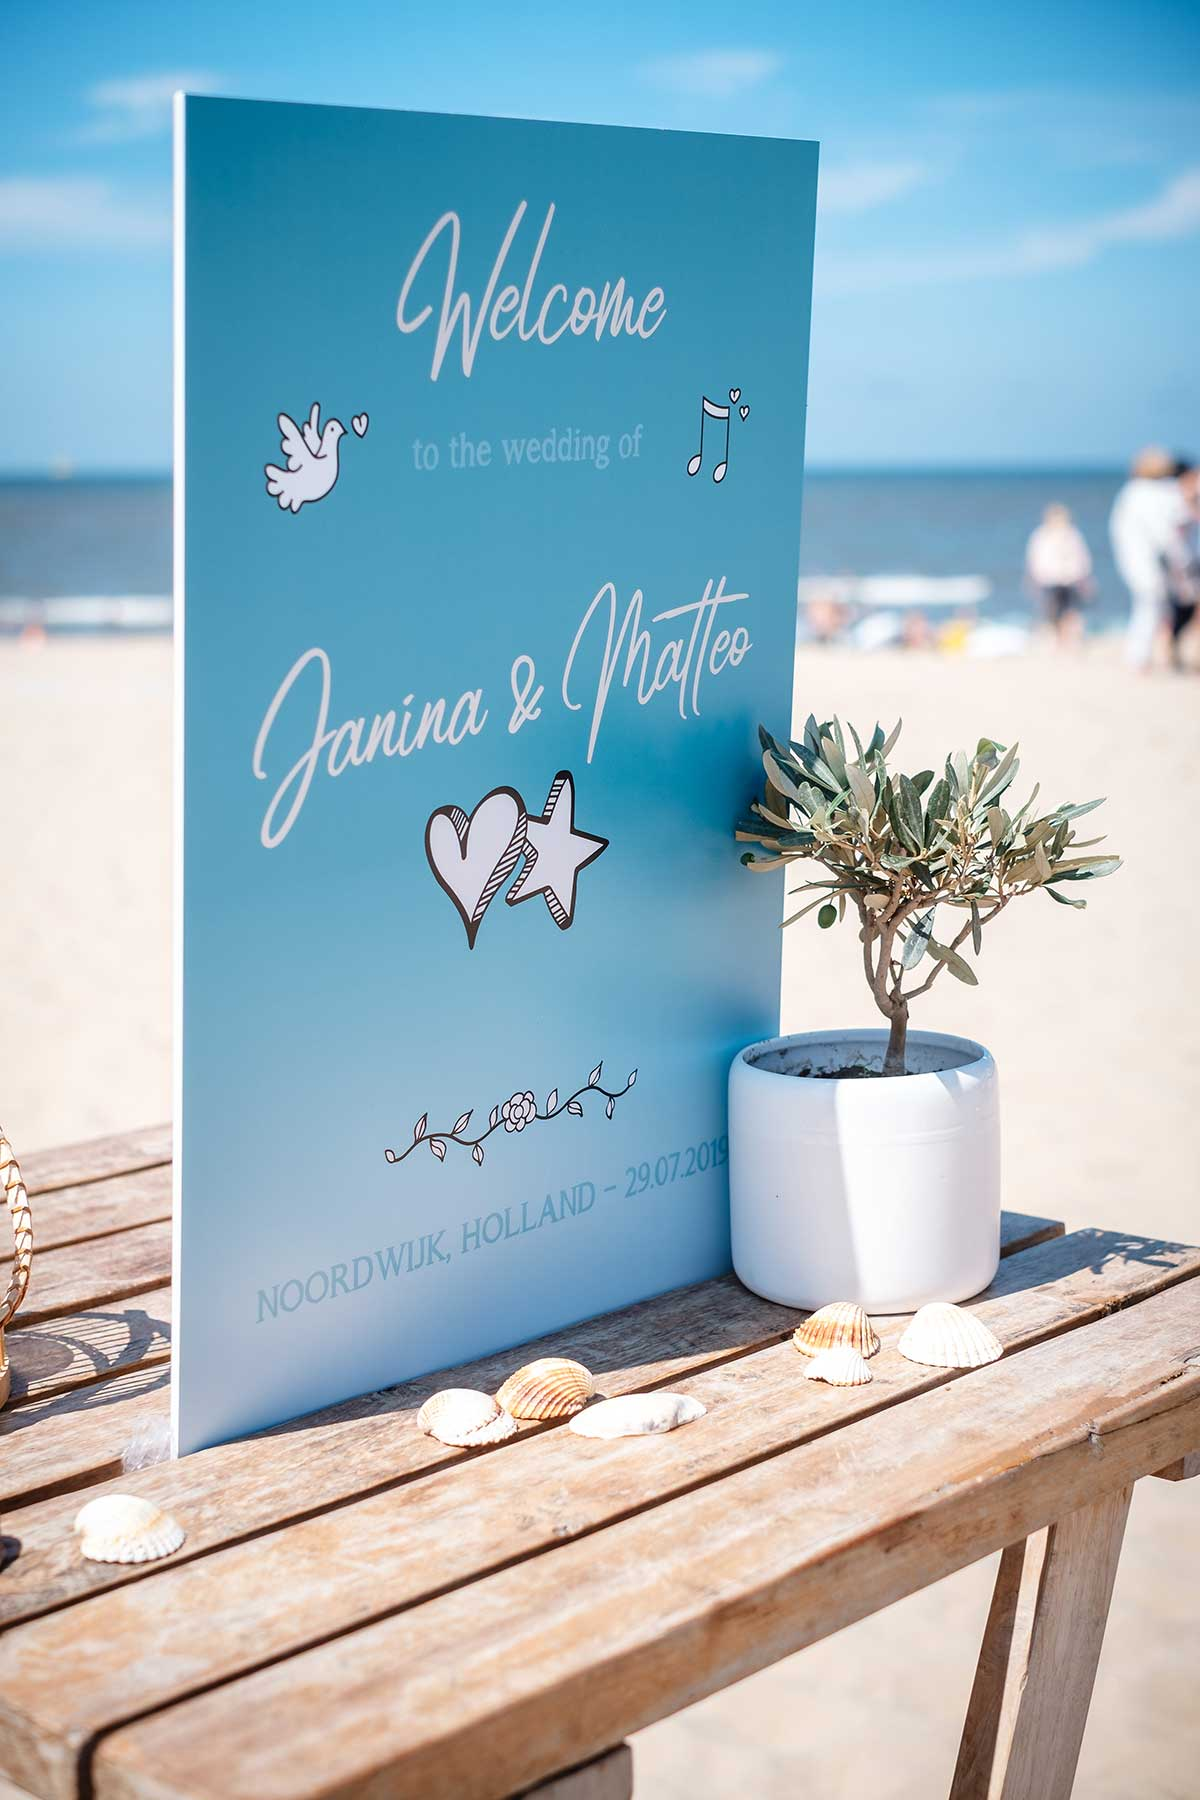 Willkommensschild bei der maritimen Hochzeit am Strand